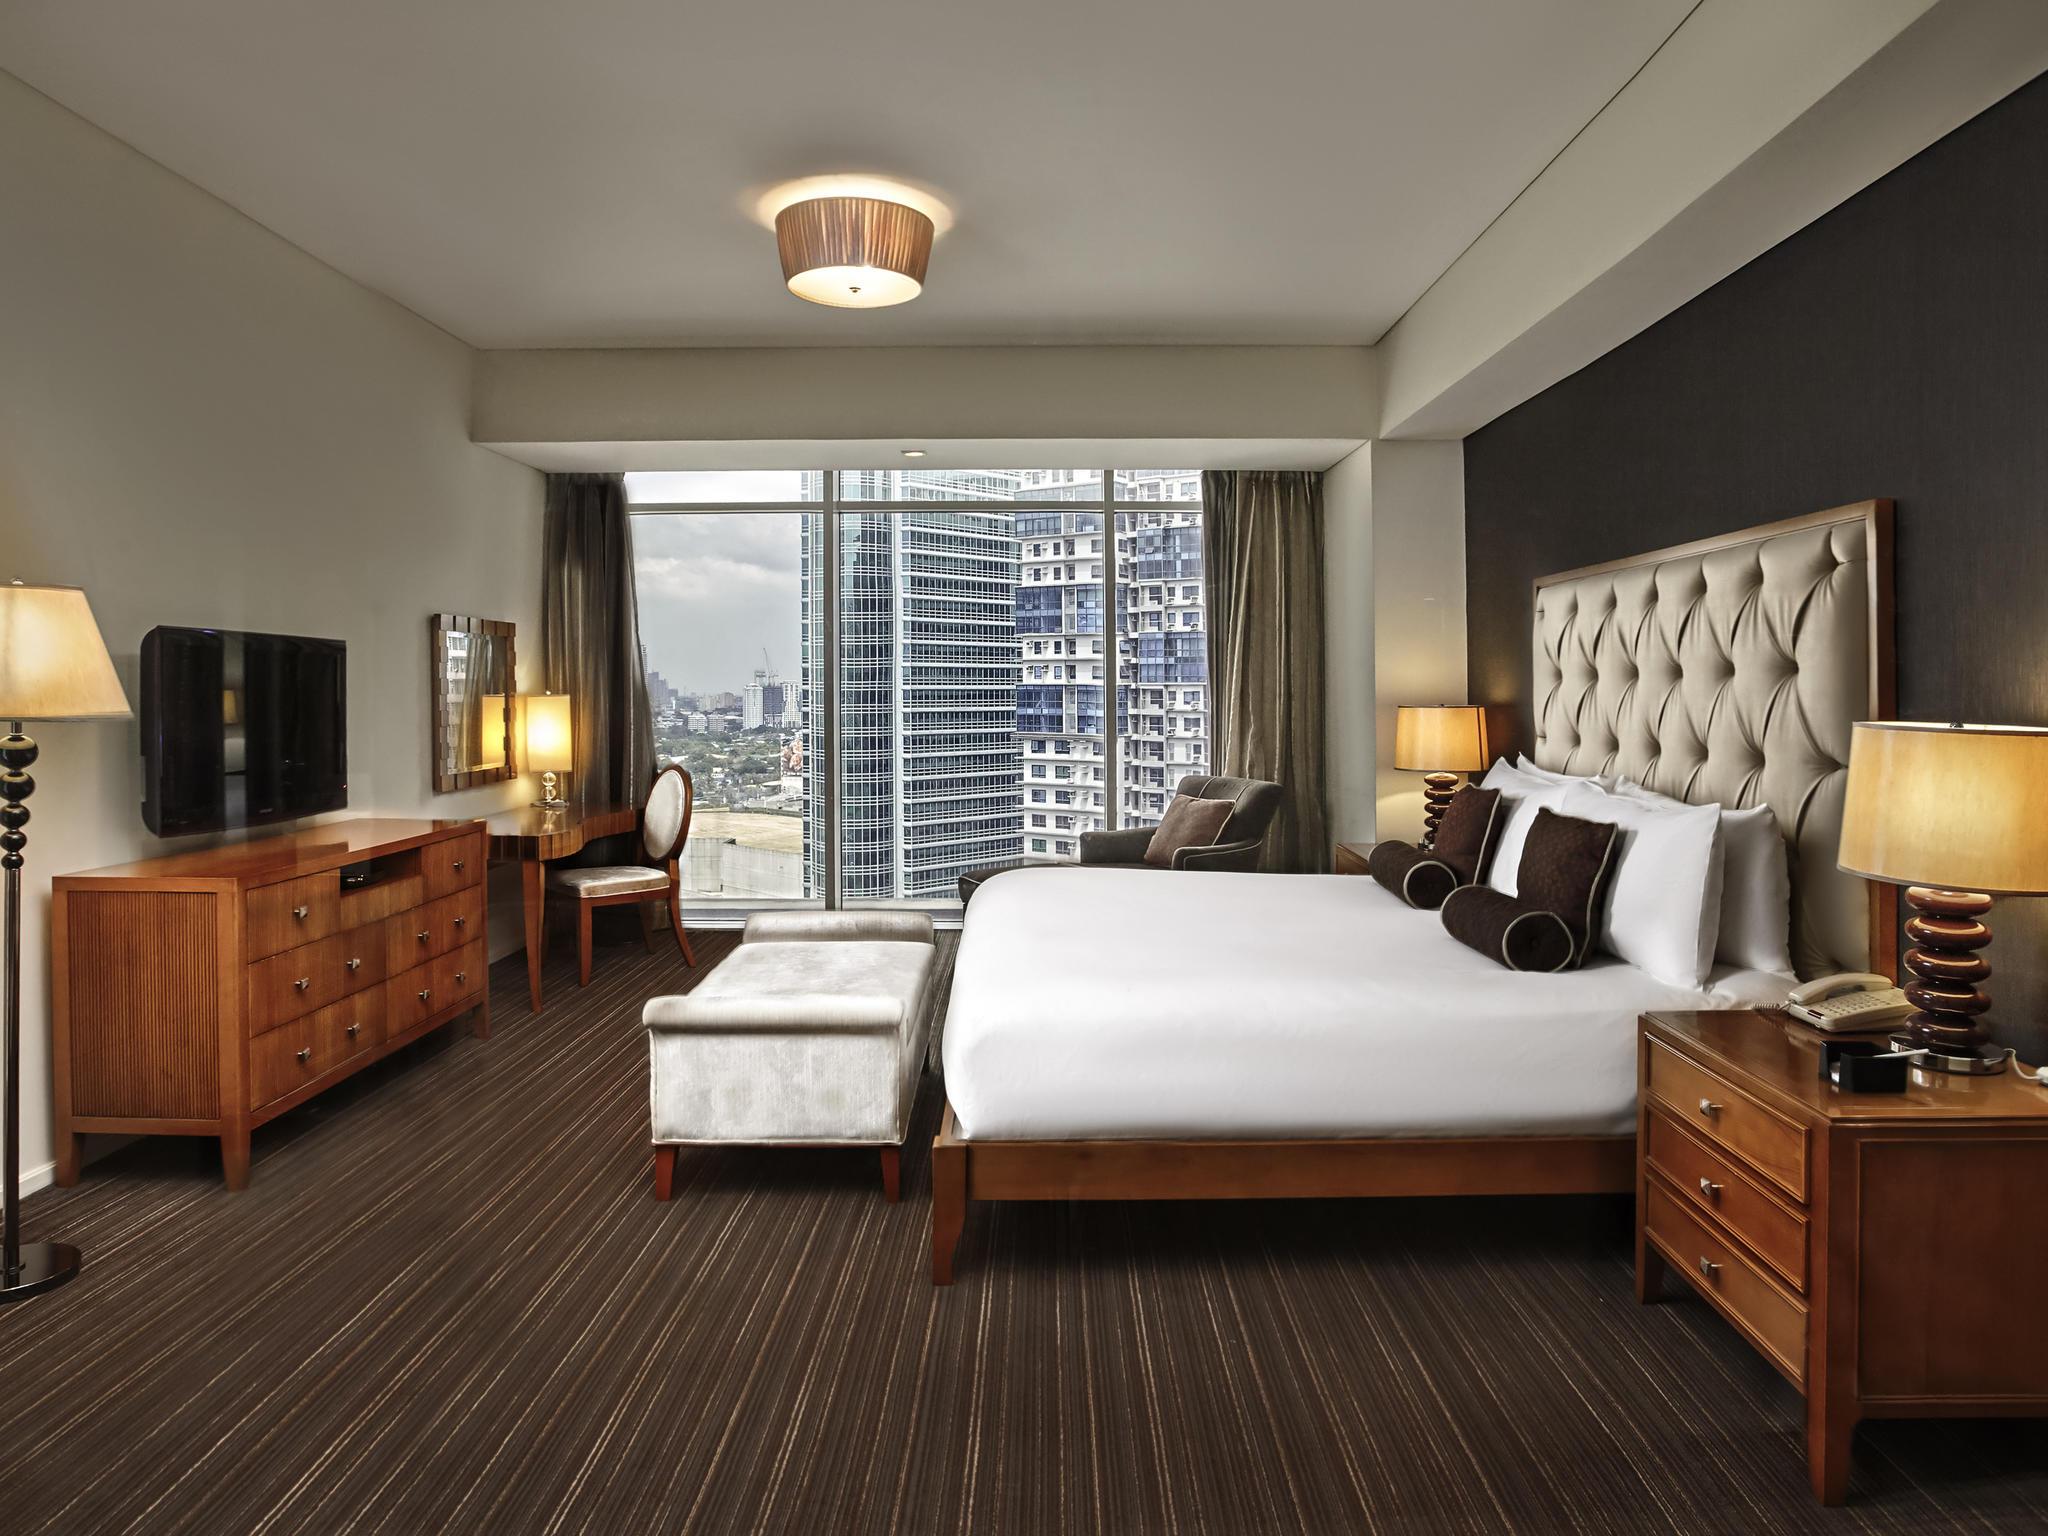 Hotel – Joy Nostalg Hotel & Suites Manila - Beheerd door AccorHotels